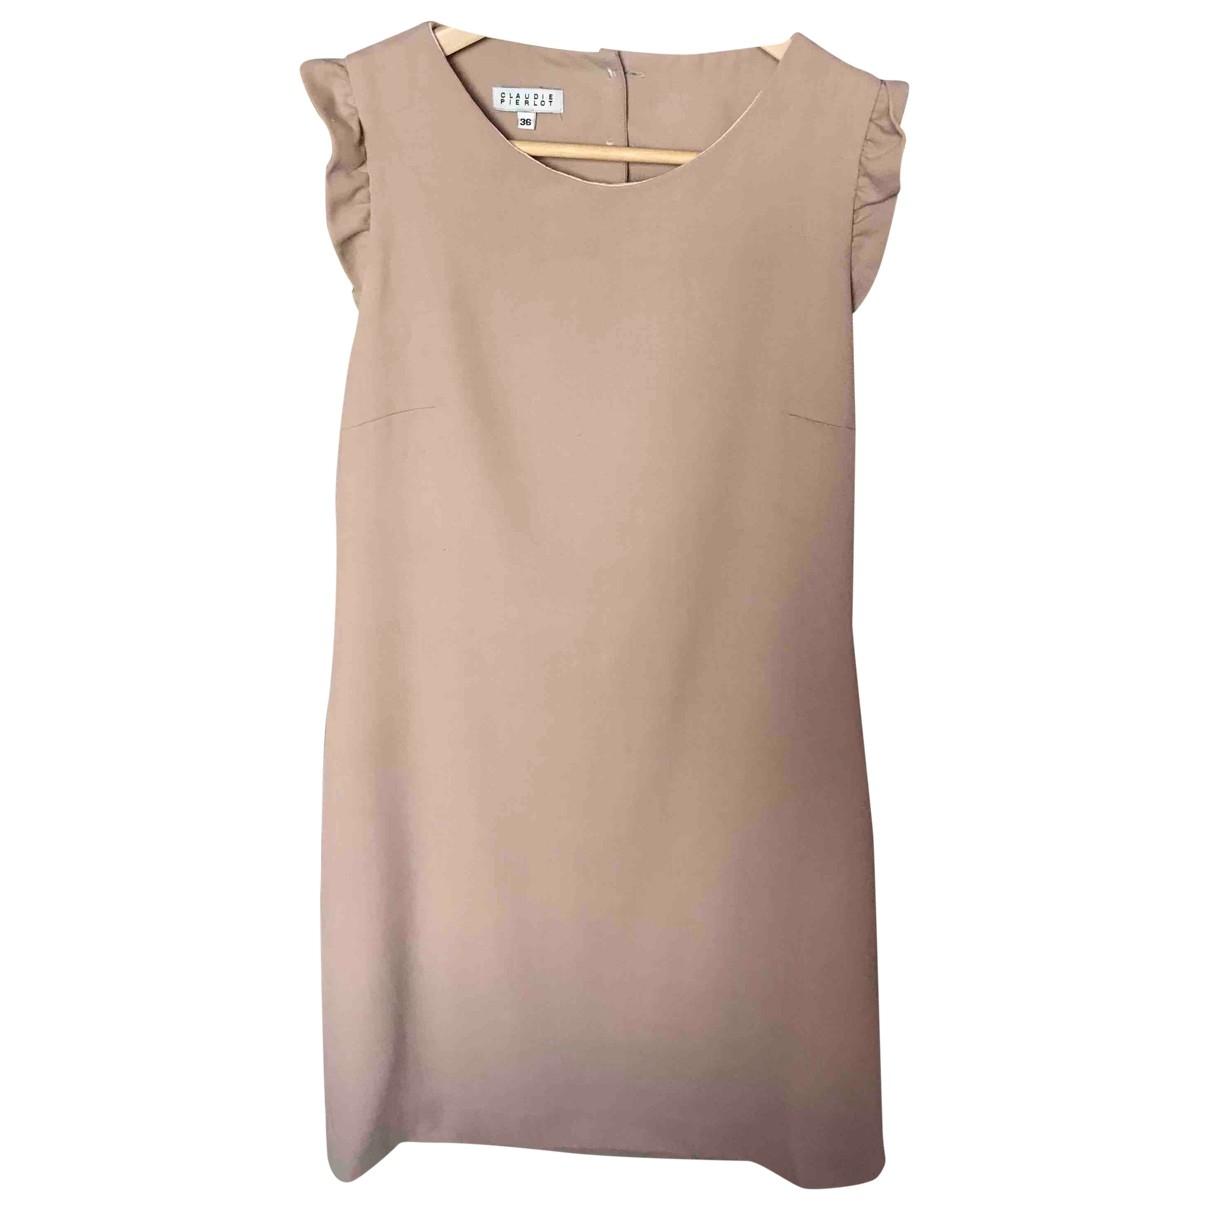 Claudie Pierlot \N Beige Wool dress for Women 36 FR